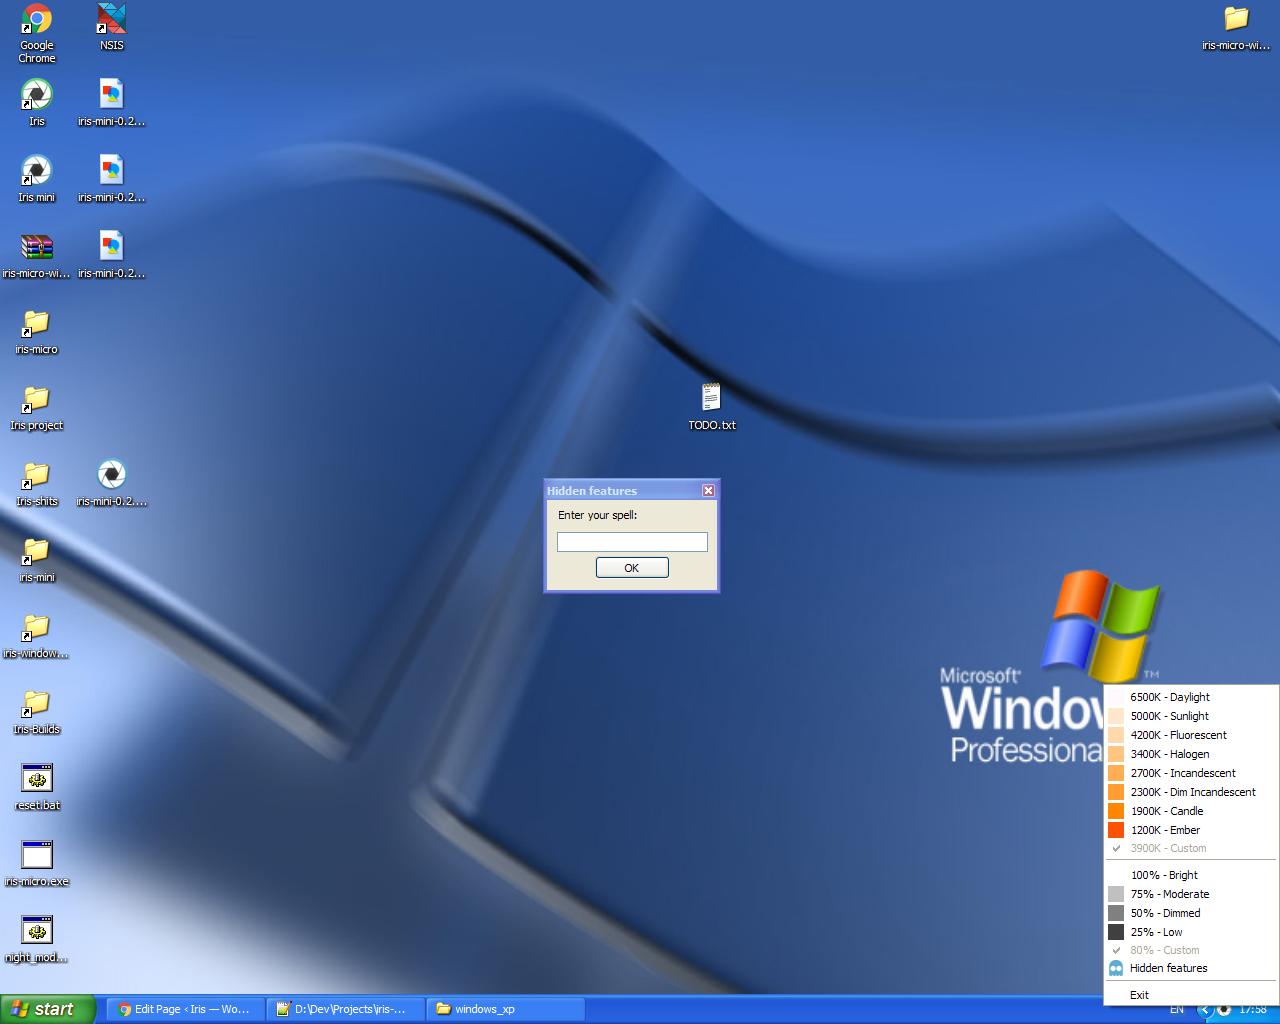 Jak odinstalovat Windows 10 | Čisté PC